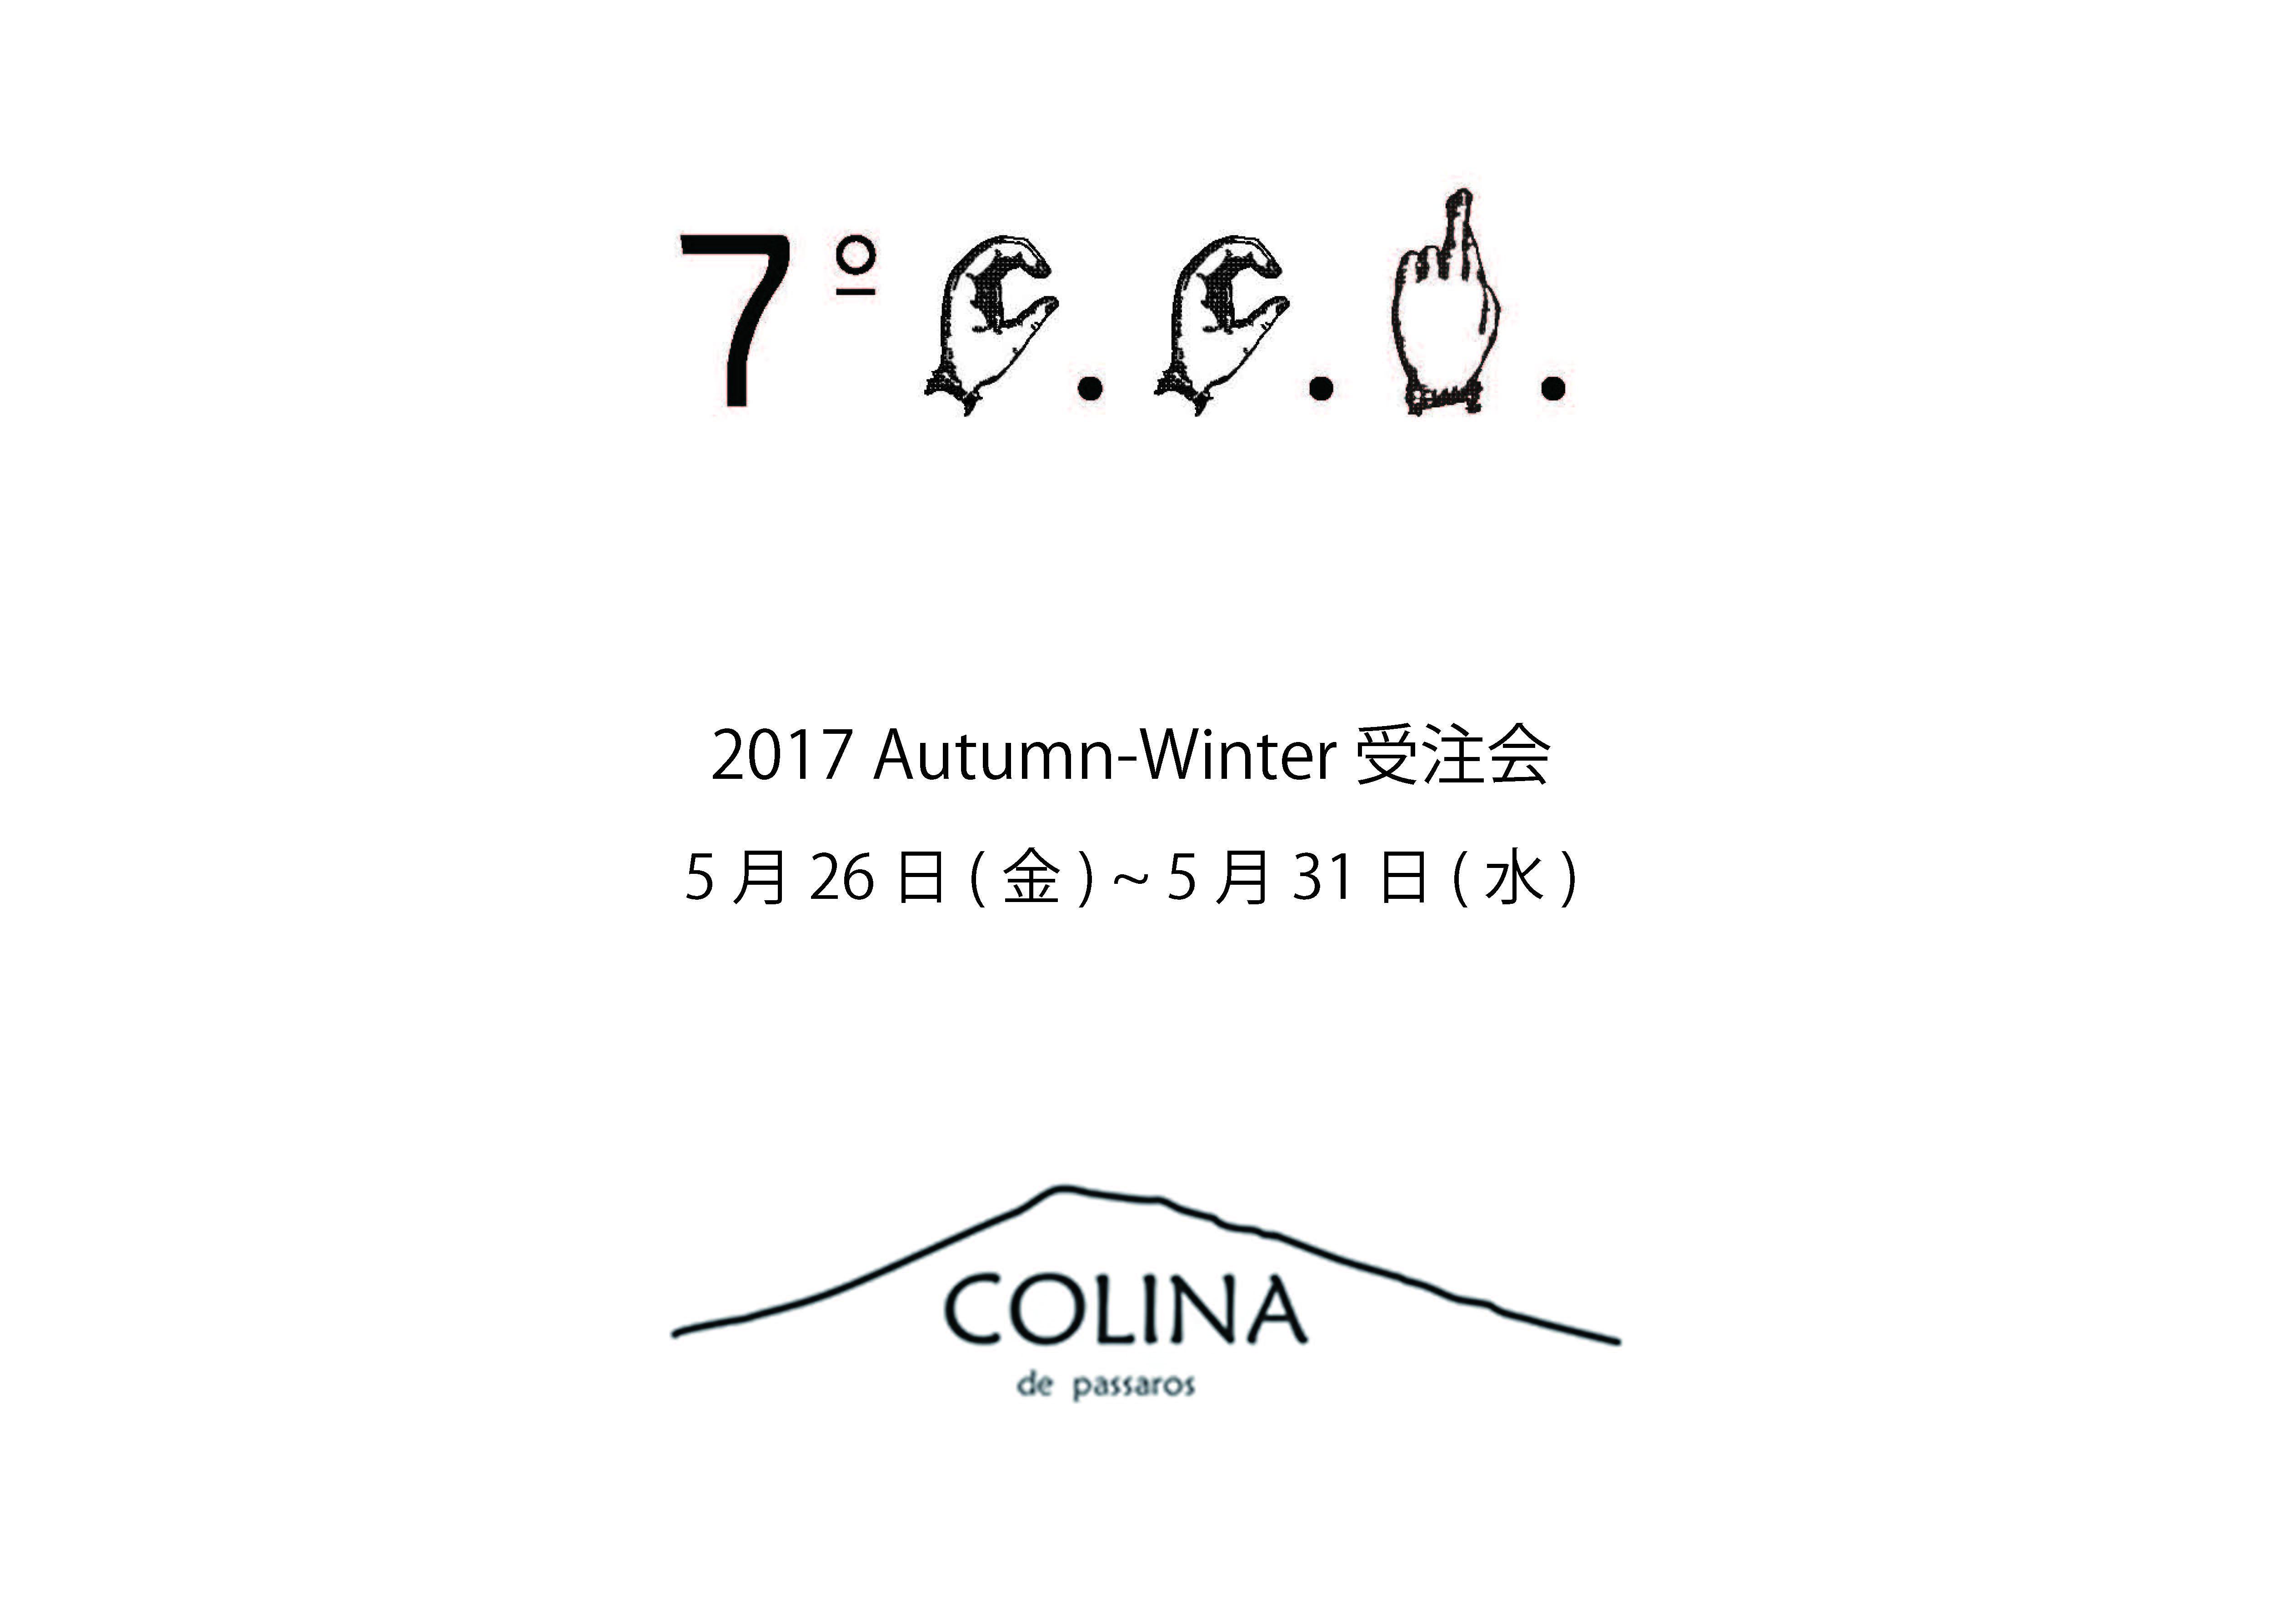 7CCR, COLINA 受注会